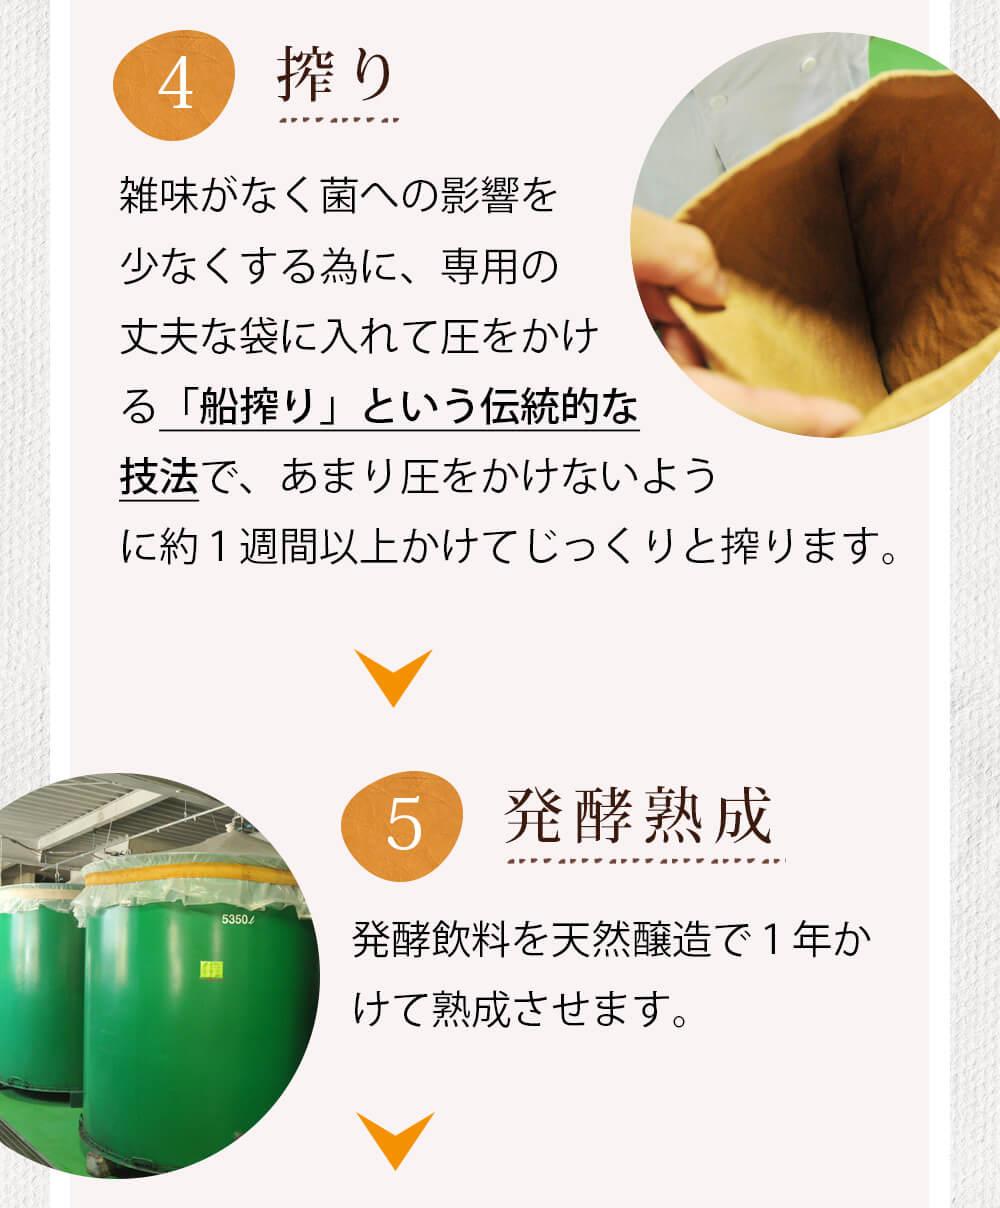 工程4:搾り 雑味がなく菌への影響を少なくする為に、専用の丈夫な袋に入れて圧をかける「船搾り」という伝統的な技法で、あまり圧をかけないように約1週間以上かけてじっくりと搾ります。 工程5:発酵熟成 発酵飲料を天然醸造で1年かけて熟成させます。